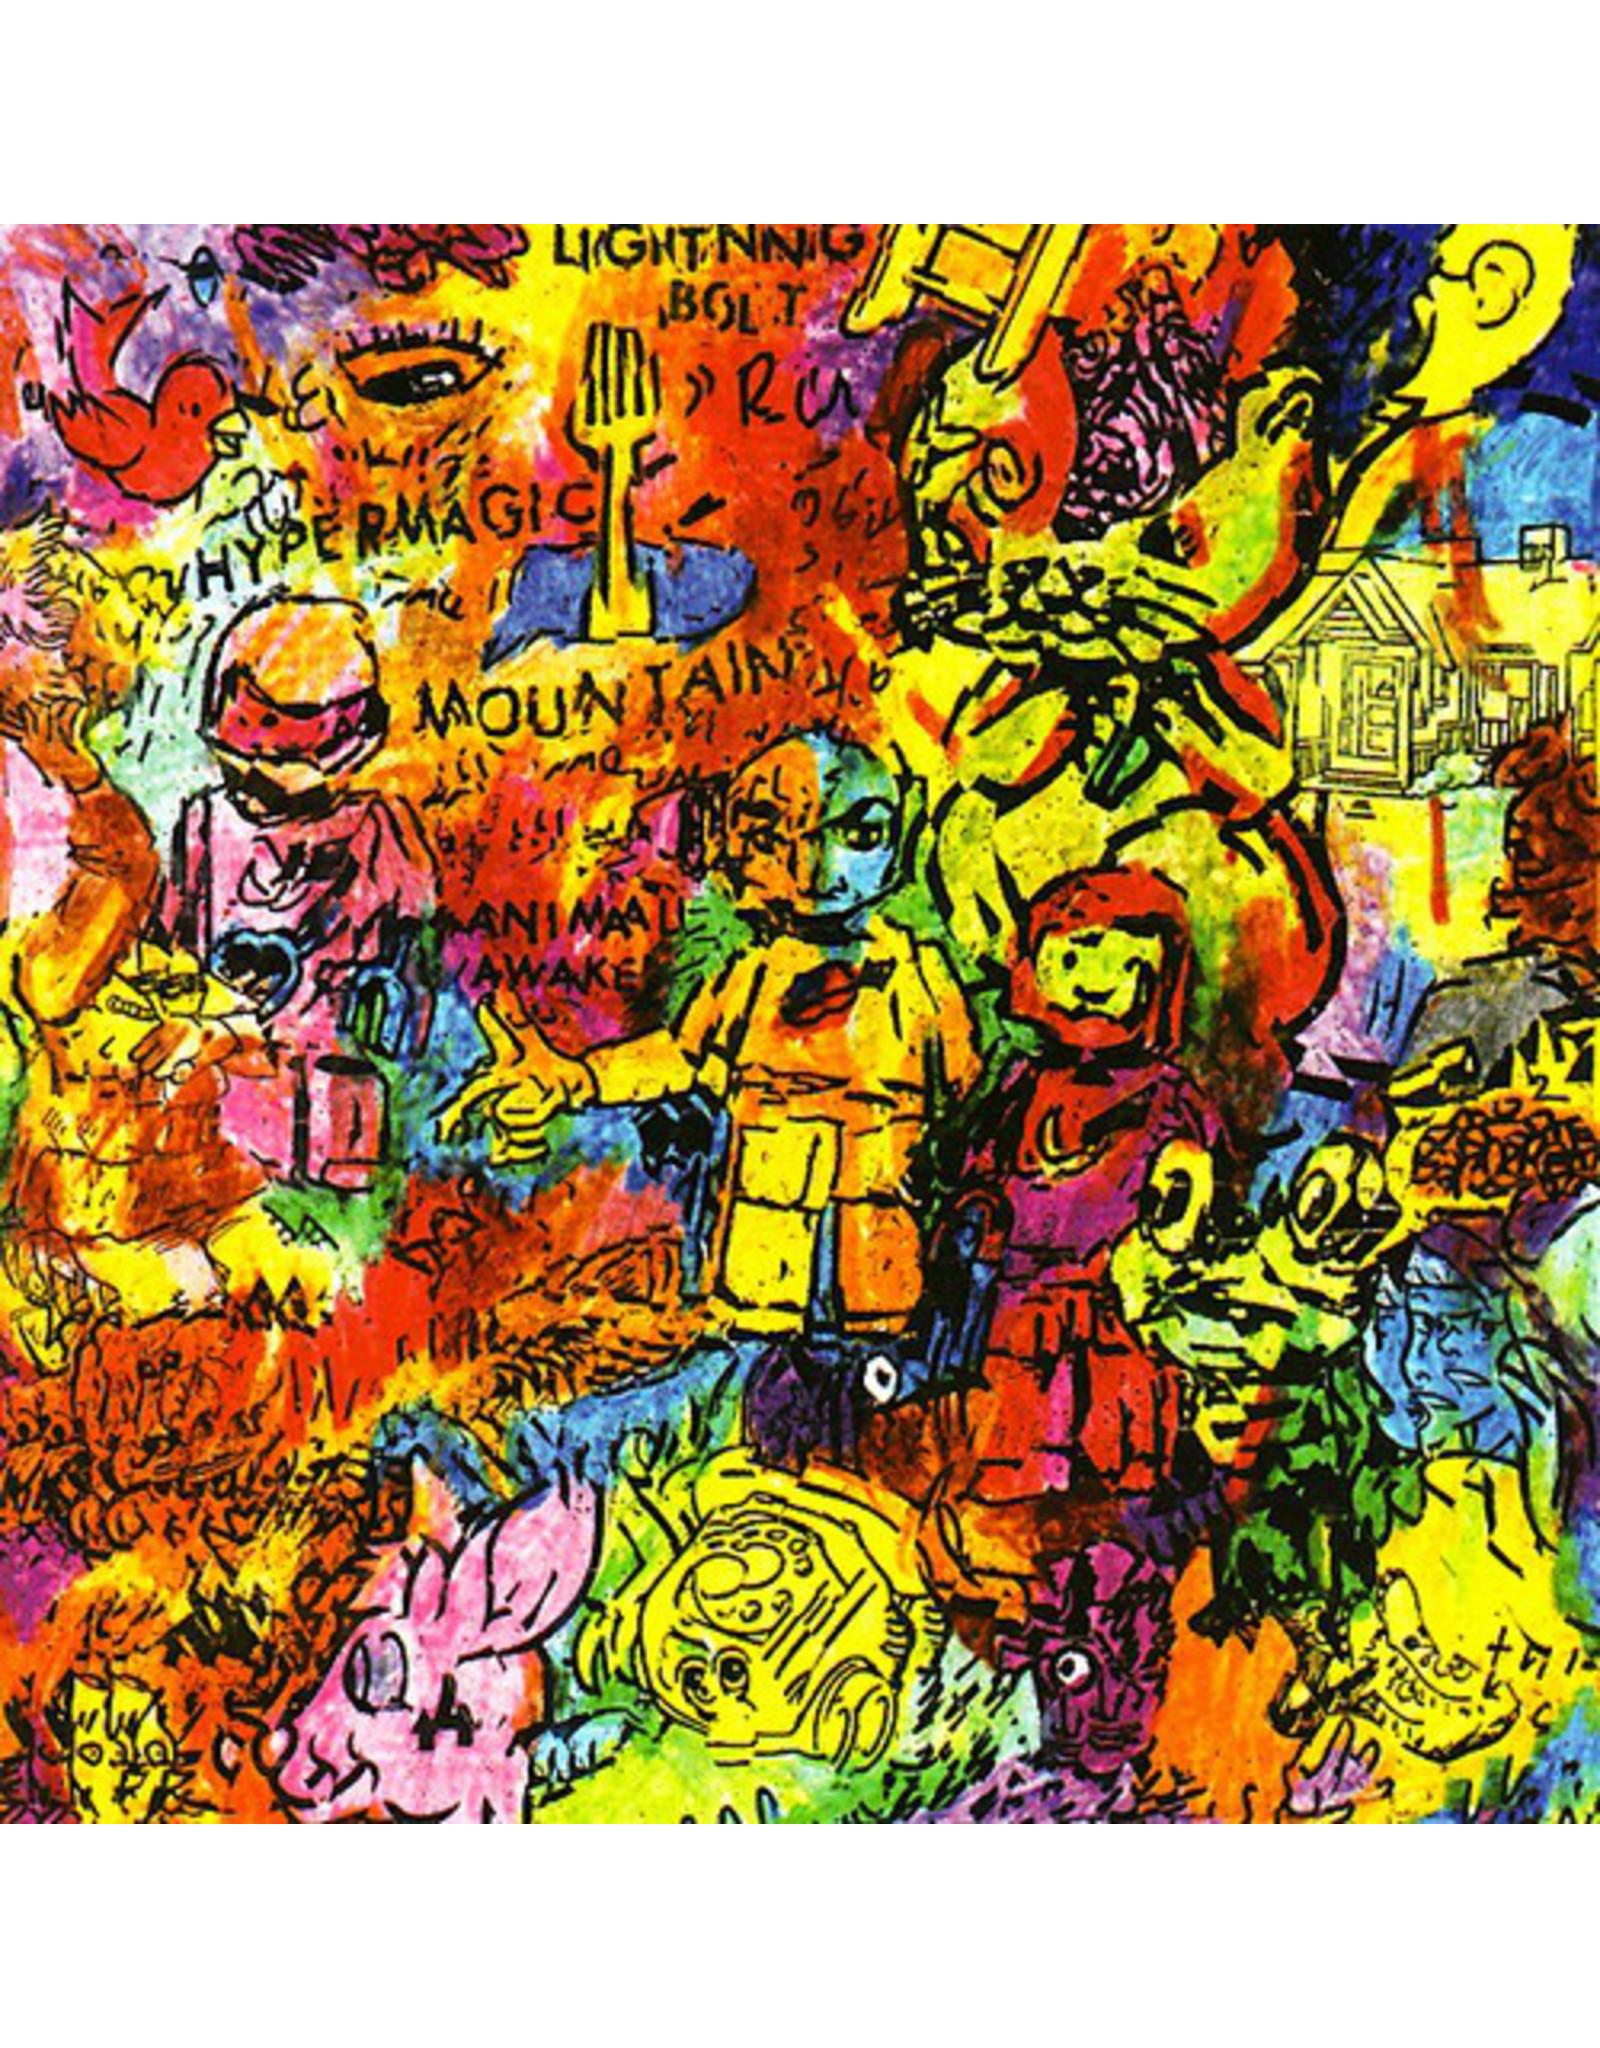 New Vinyl Lightning Bolt - Hypermagic Mountain (Colored) 2LP